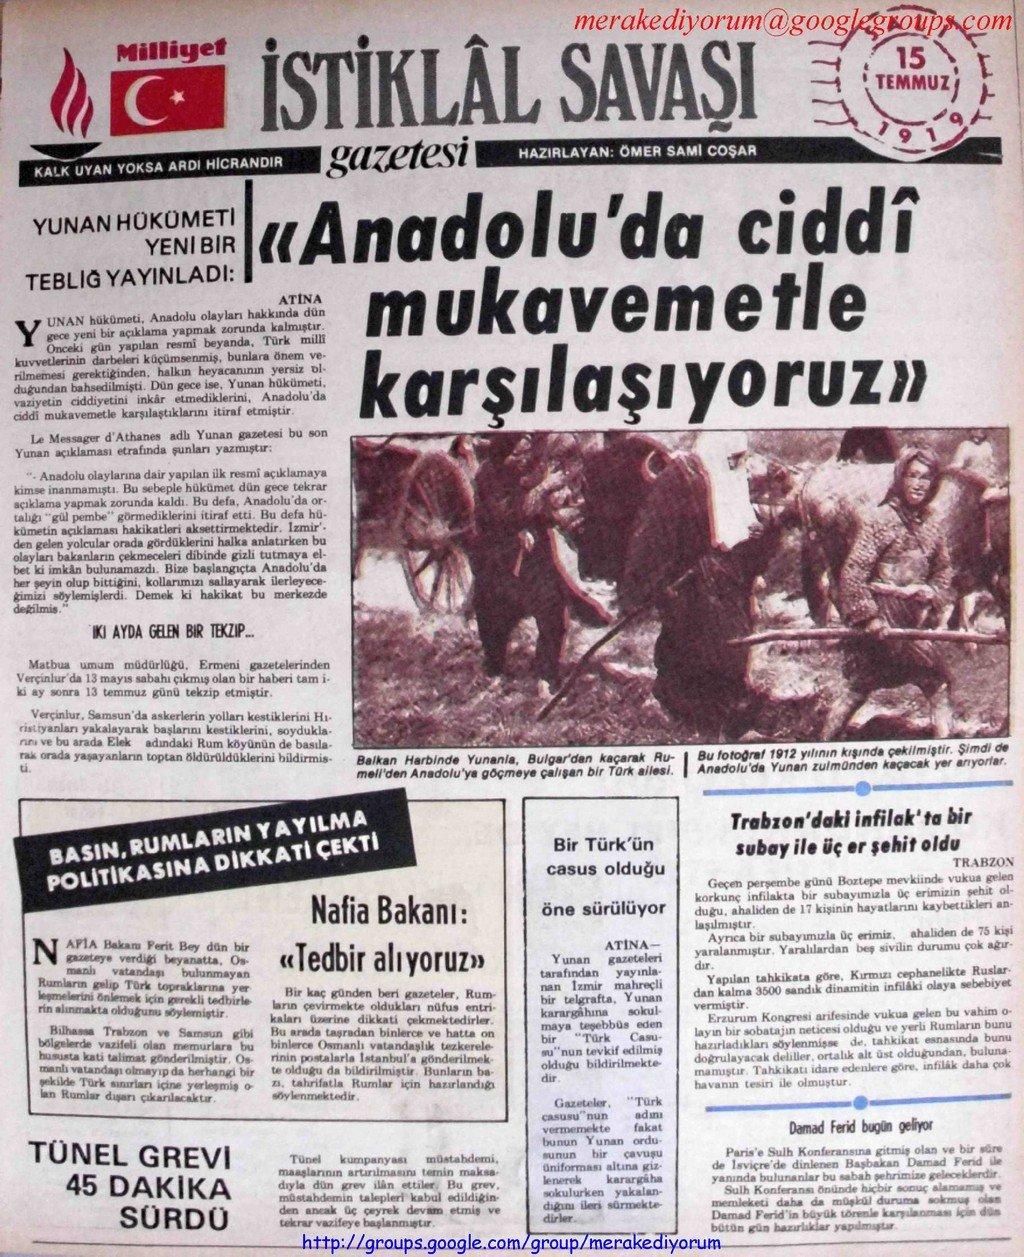 istiklal savaşı gazetesi - 15 temmuz 1919